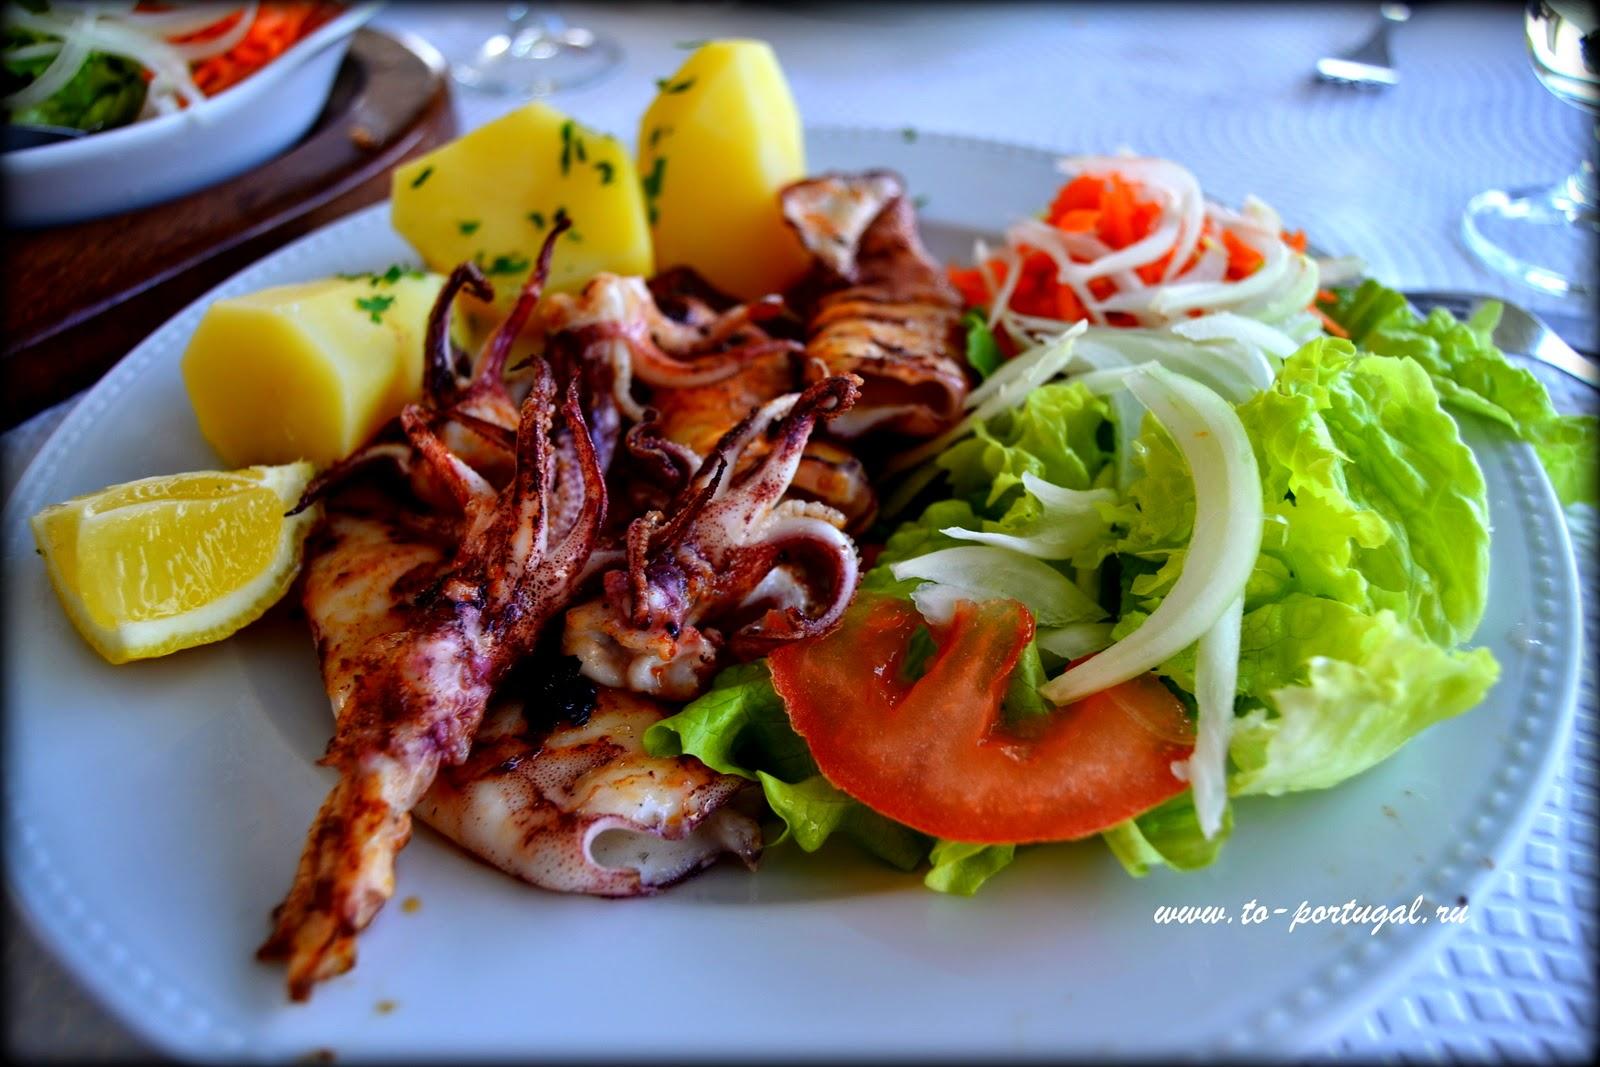 португальская кухня кальмар жареный на гриле